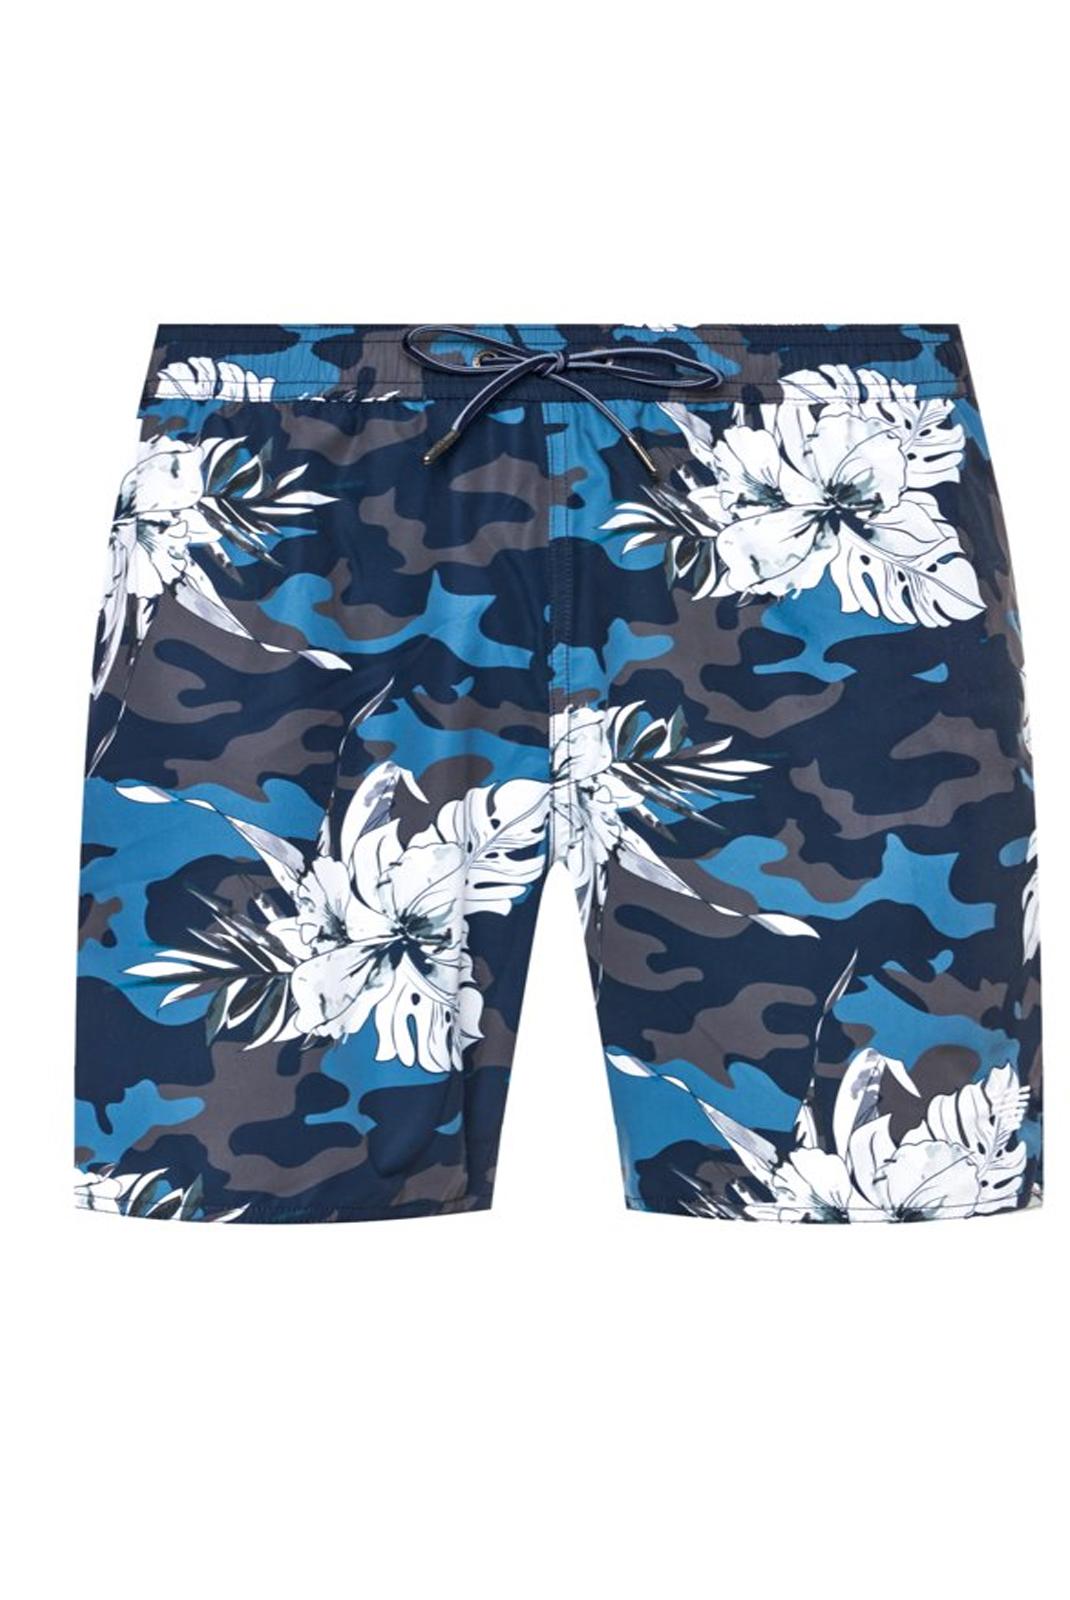 Shorts de bain  Emporio armani 211740 0P441 70820